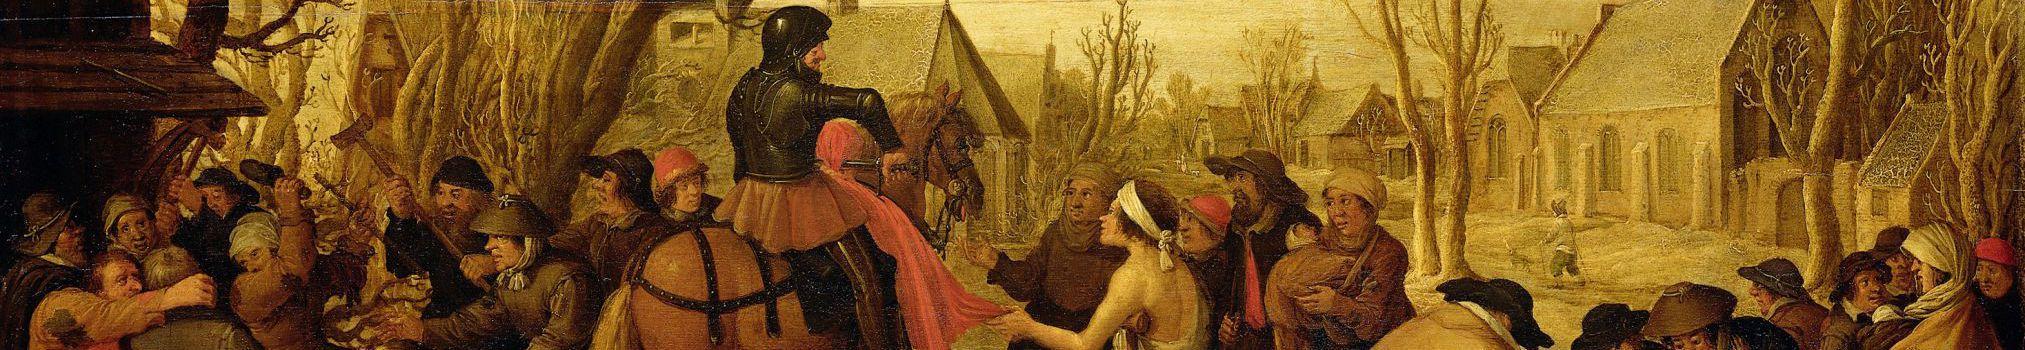 Peinture de Saint Martin déchirant son manteau pour le donner aux pauvres